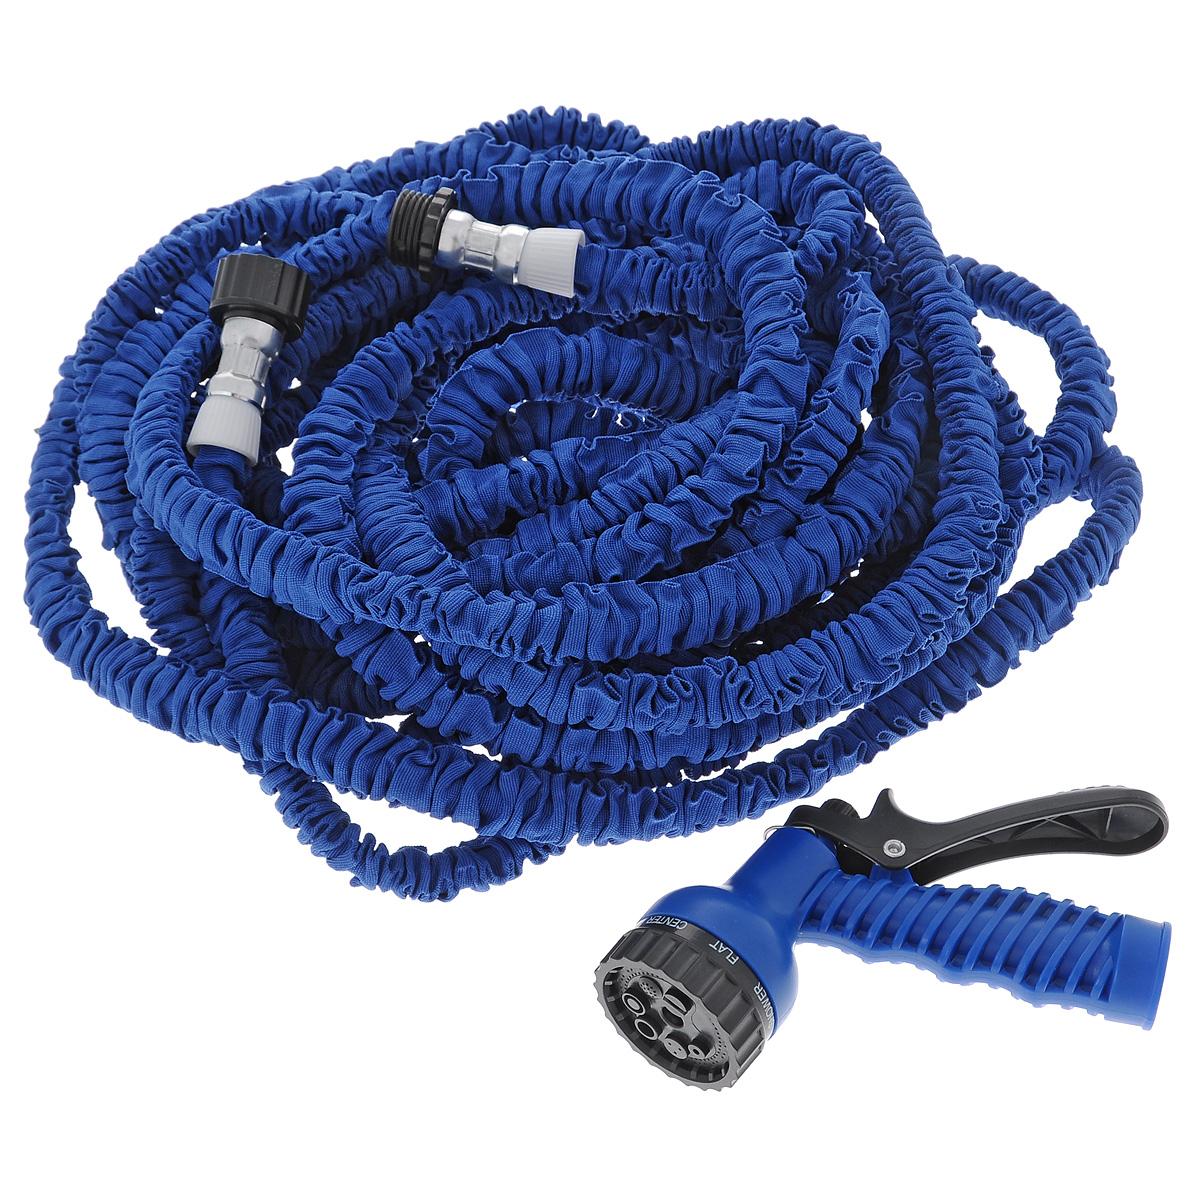 Шланг садовый Mayer & Boch, цвет: синий, 45 м45-4_синийСадовый шланг Mayer & Boch - это прекрасный шланг, удлиняющийся в 3 раза. Подключите шланг к крану и можете приступать к использованию. Очень легкий вес, что делает шланг еще более удобным в эксплуатации. Внутри шланг выполнен из латекса, снаружи полиэстер. Шланг подходит как для полива рассады, цветов, газонов, так и для мытья машины. Особенности: - удобный и легкий, - растягивается в длину при поступлении воды, - автоматически возвращается в исходный размер, - подключается к стандартным кранам, - не перекручивается, не заламывается, не путается, - гибкий, - удобная сборка, - удлиняется в 3 раза. Распылительные насадки в комплект не входят. Длина шланга без воды: 15 м. Длина шланга при наполнении водой: 45 м.